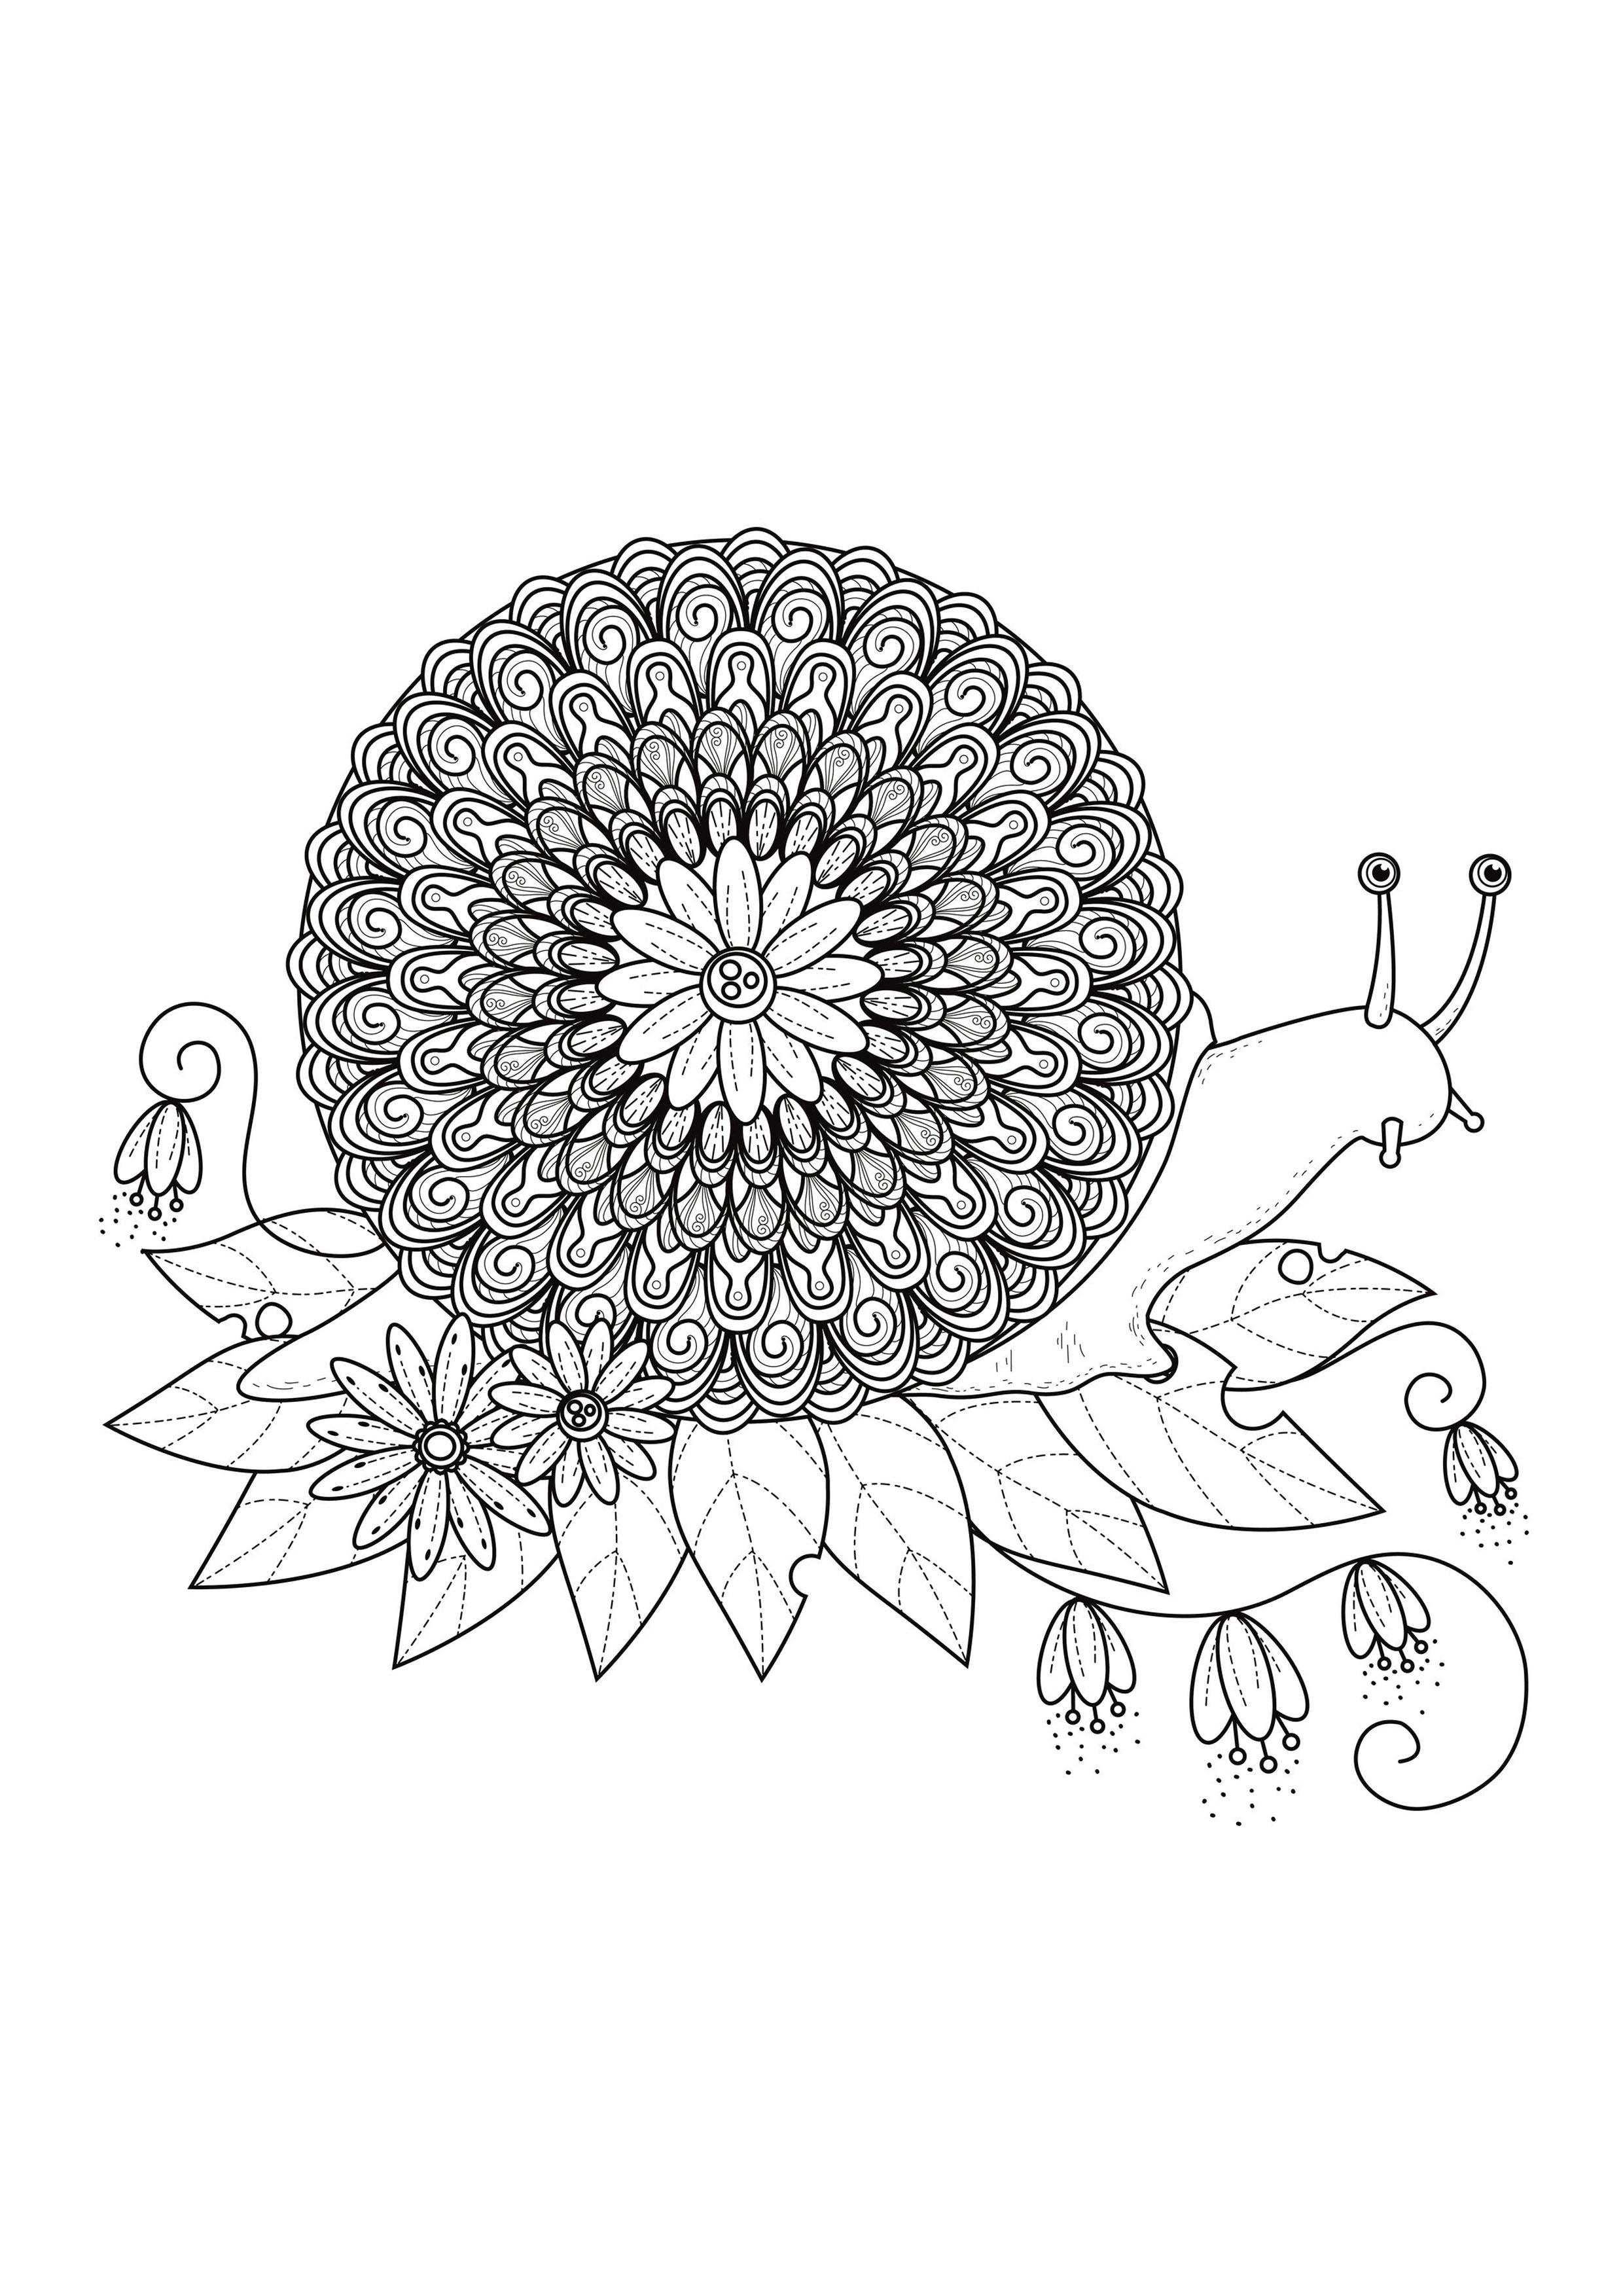 Mandala a colorier escargot mandalas sur le th me des animaux 100 mandalas zen anti stress - Image escargot a colorier ...